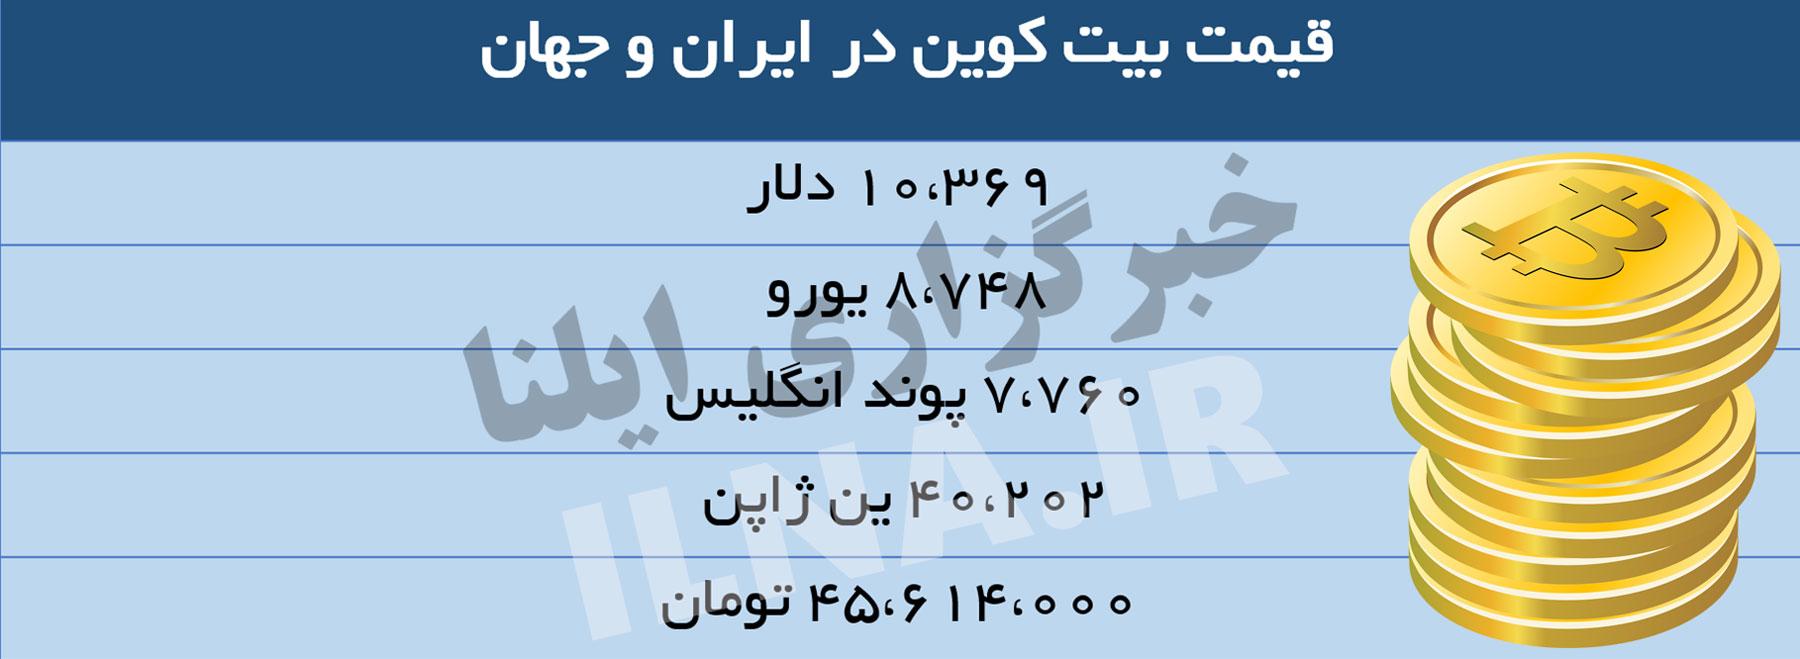 قیمت بیتکوین در ایران از 45 میلیون تومان عبور کرد (+ جدول)